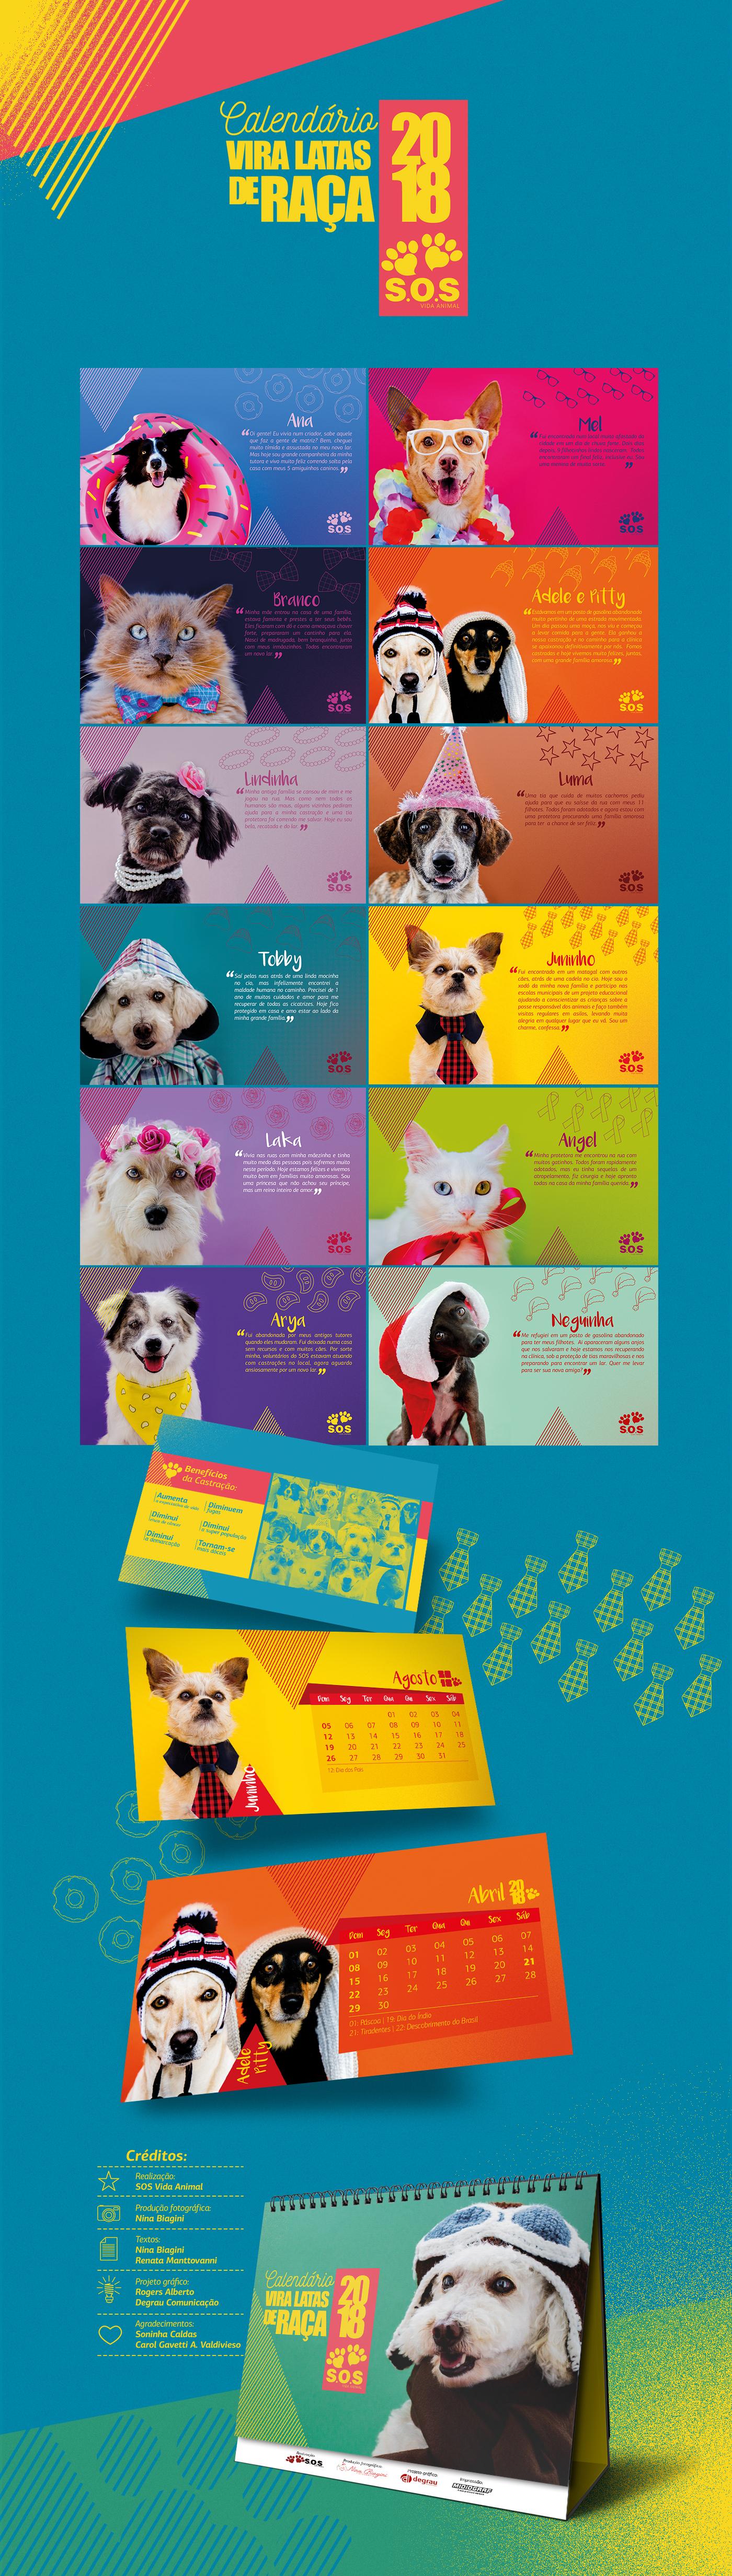 calendar calendario calendario 2018 brochure SOS Vida Animal design editorial design gráfico adobe campanha Advertising